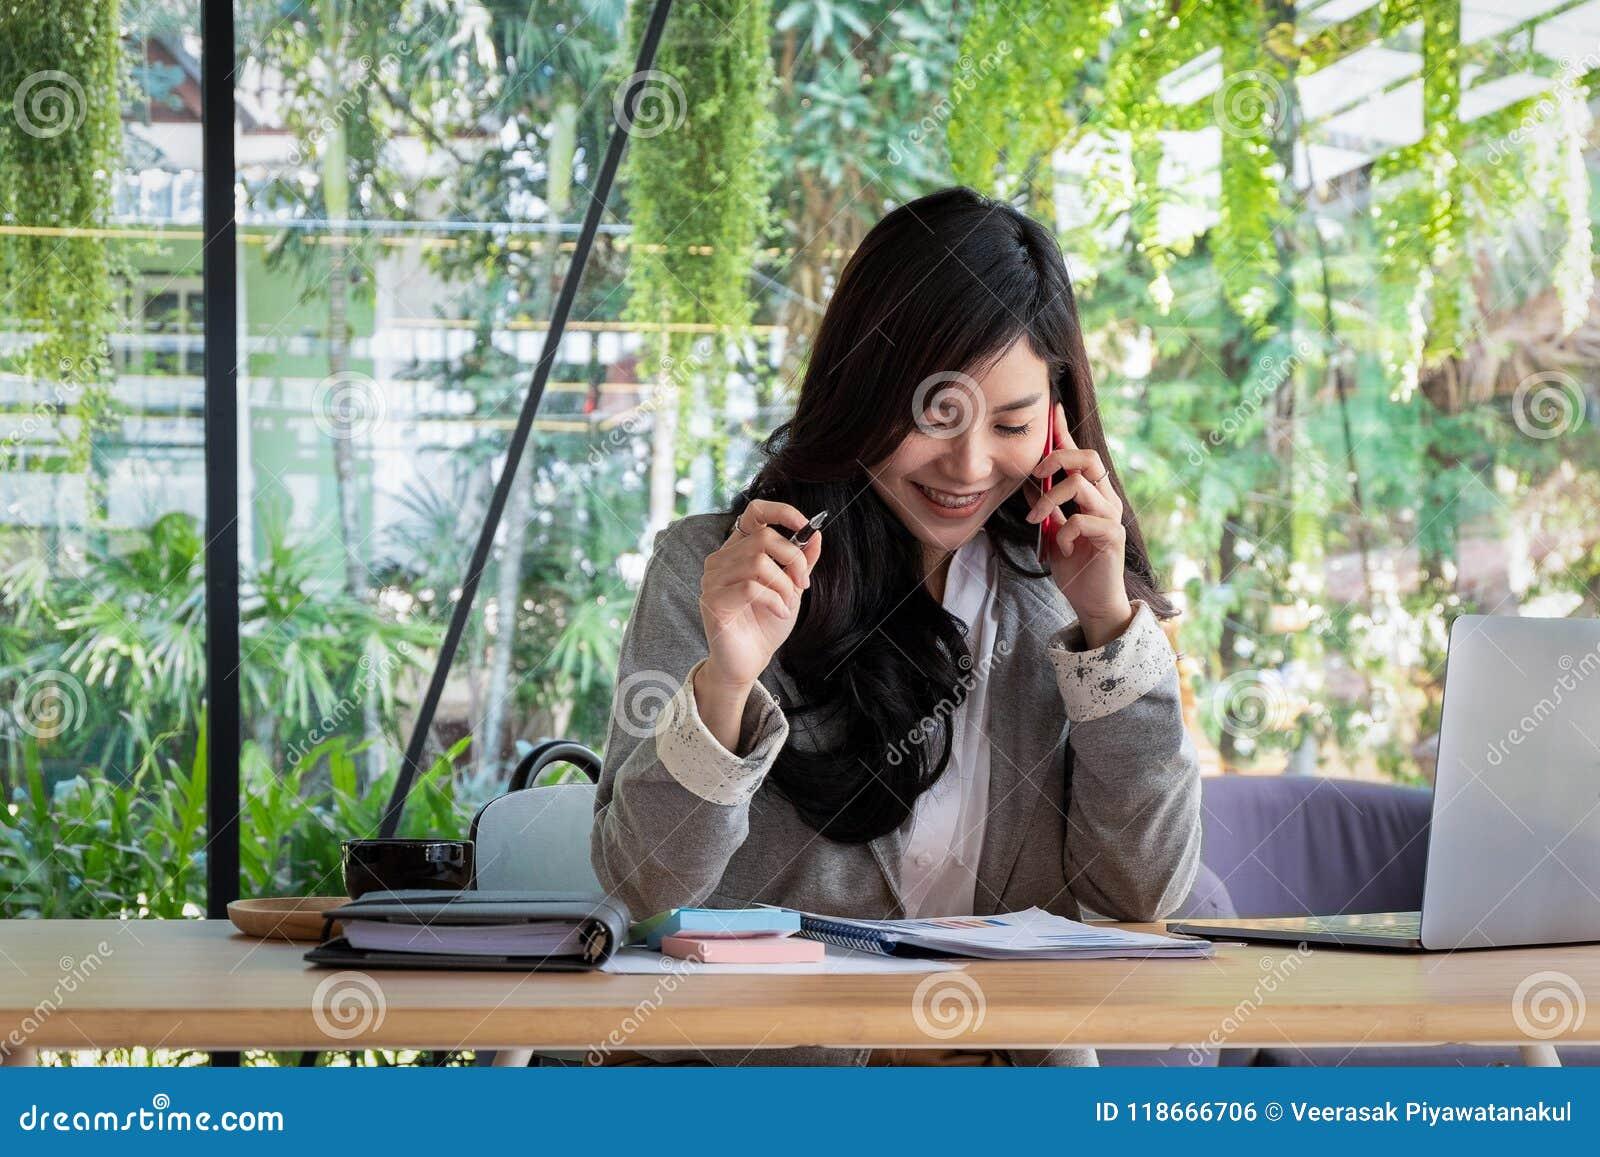 Νέα εργασία επιχειρηματιών με τα κινητά τηλέφωνα και τα σημειωματάρια